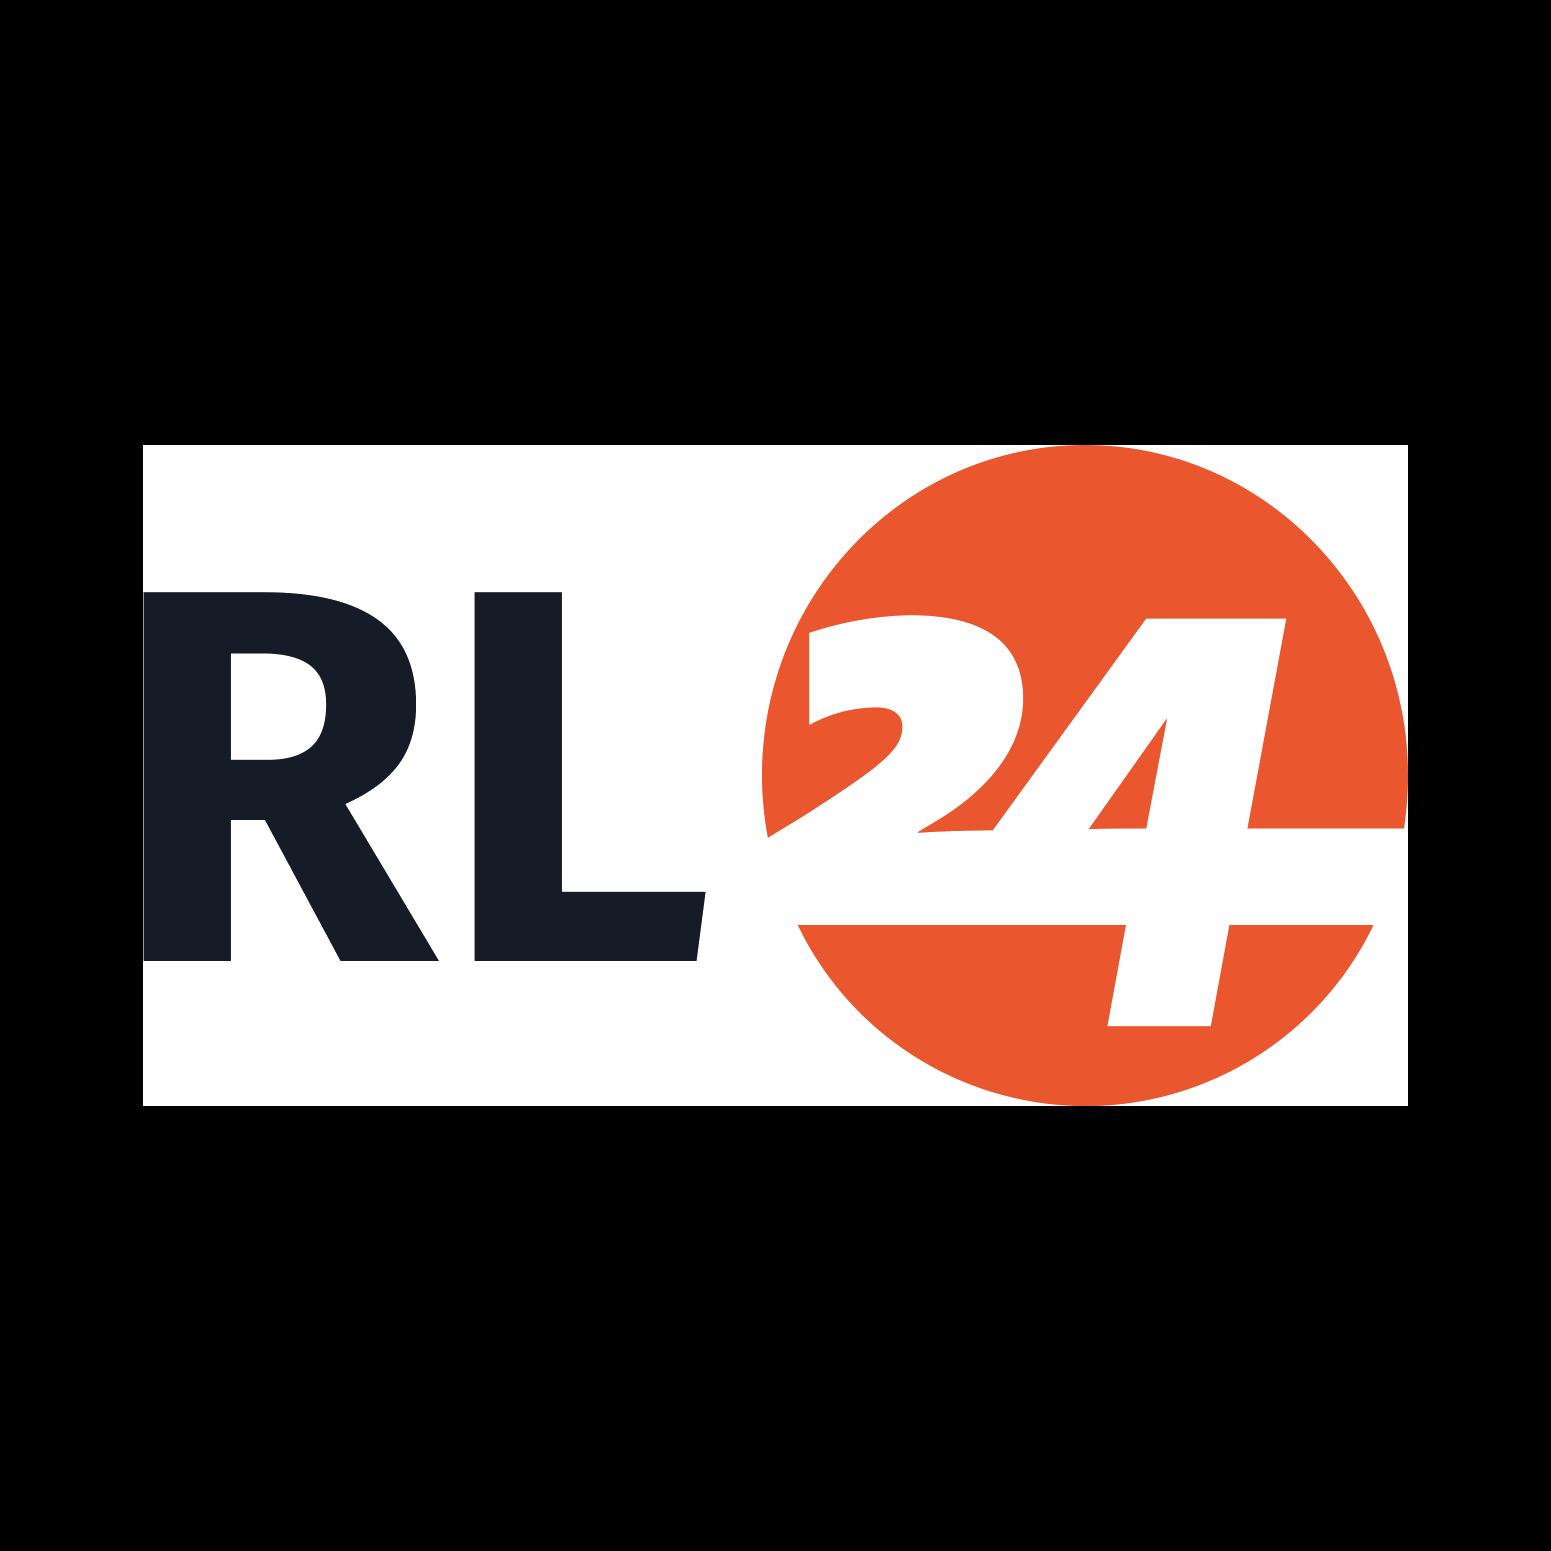 HKM by RL24